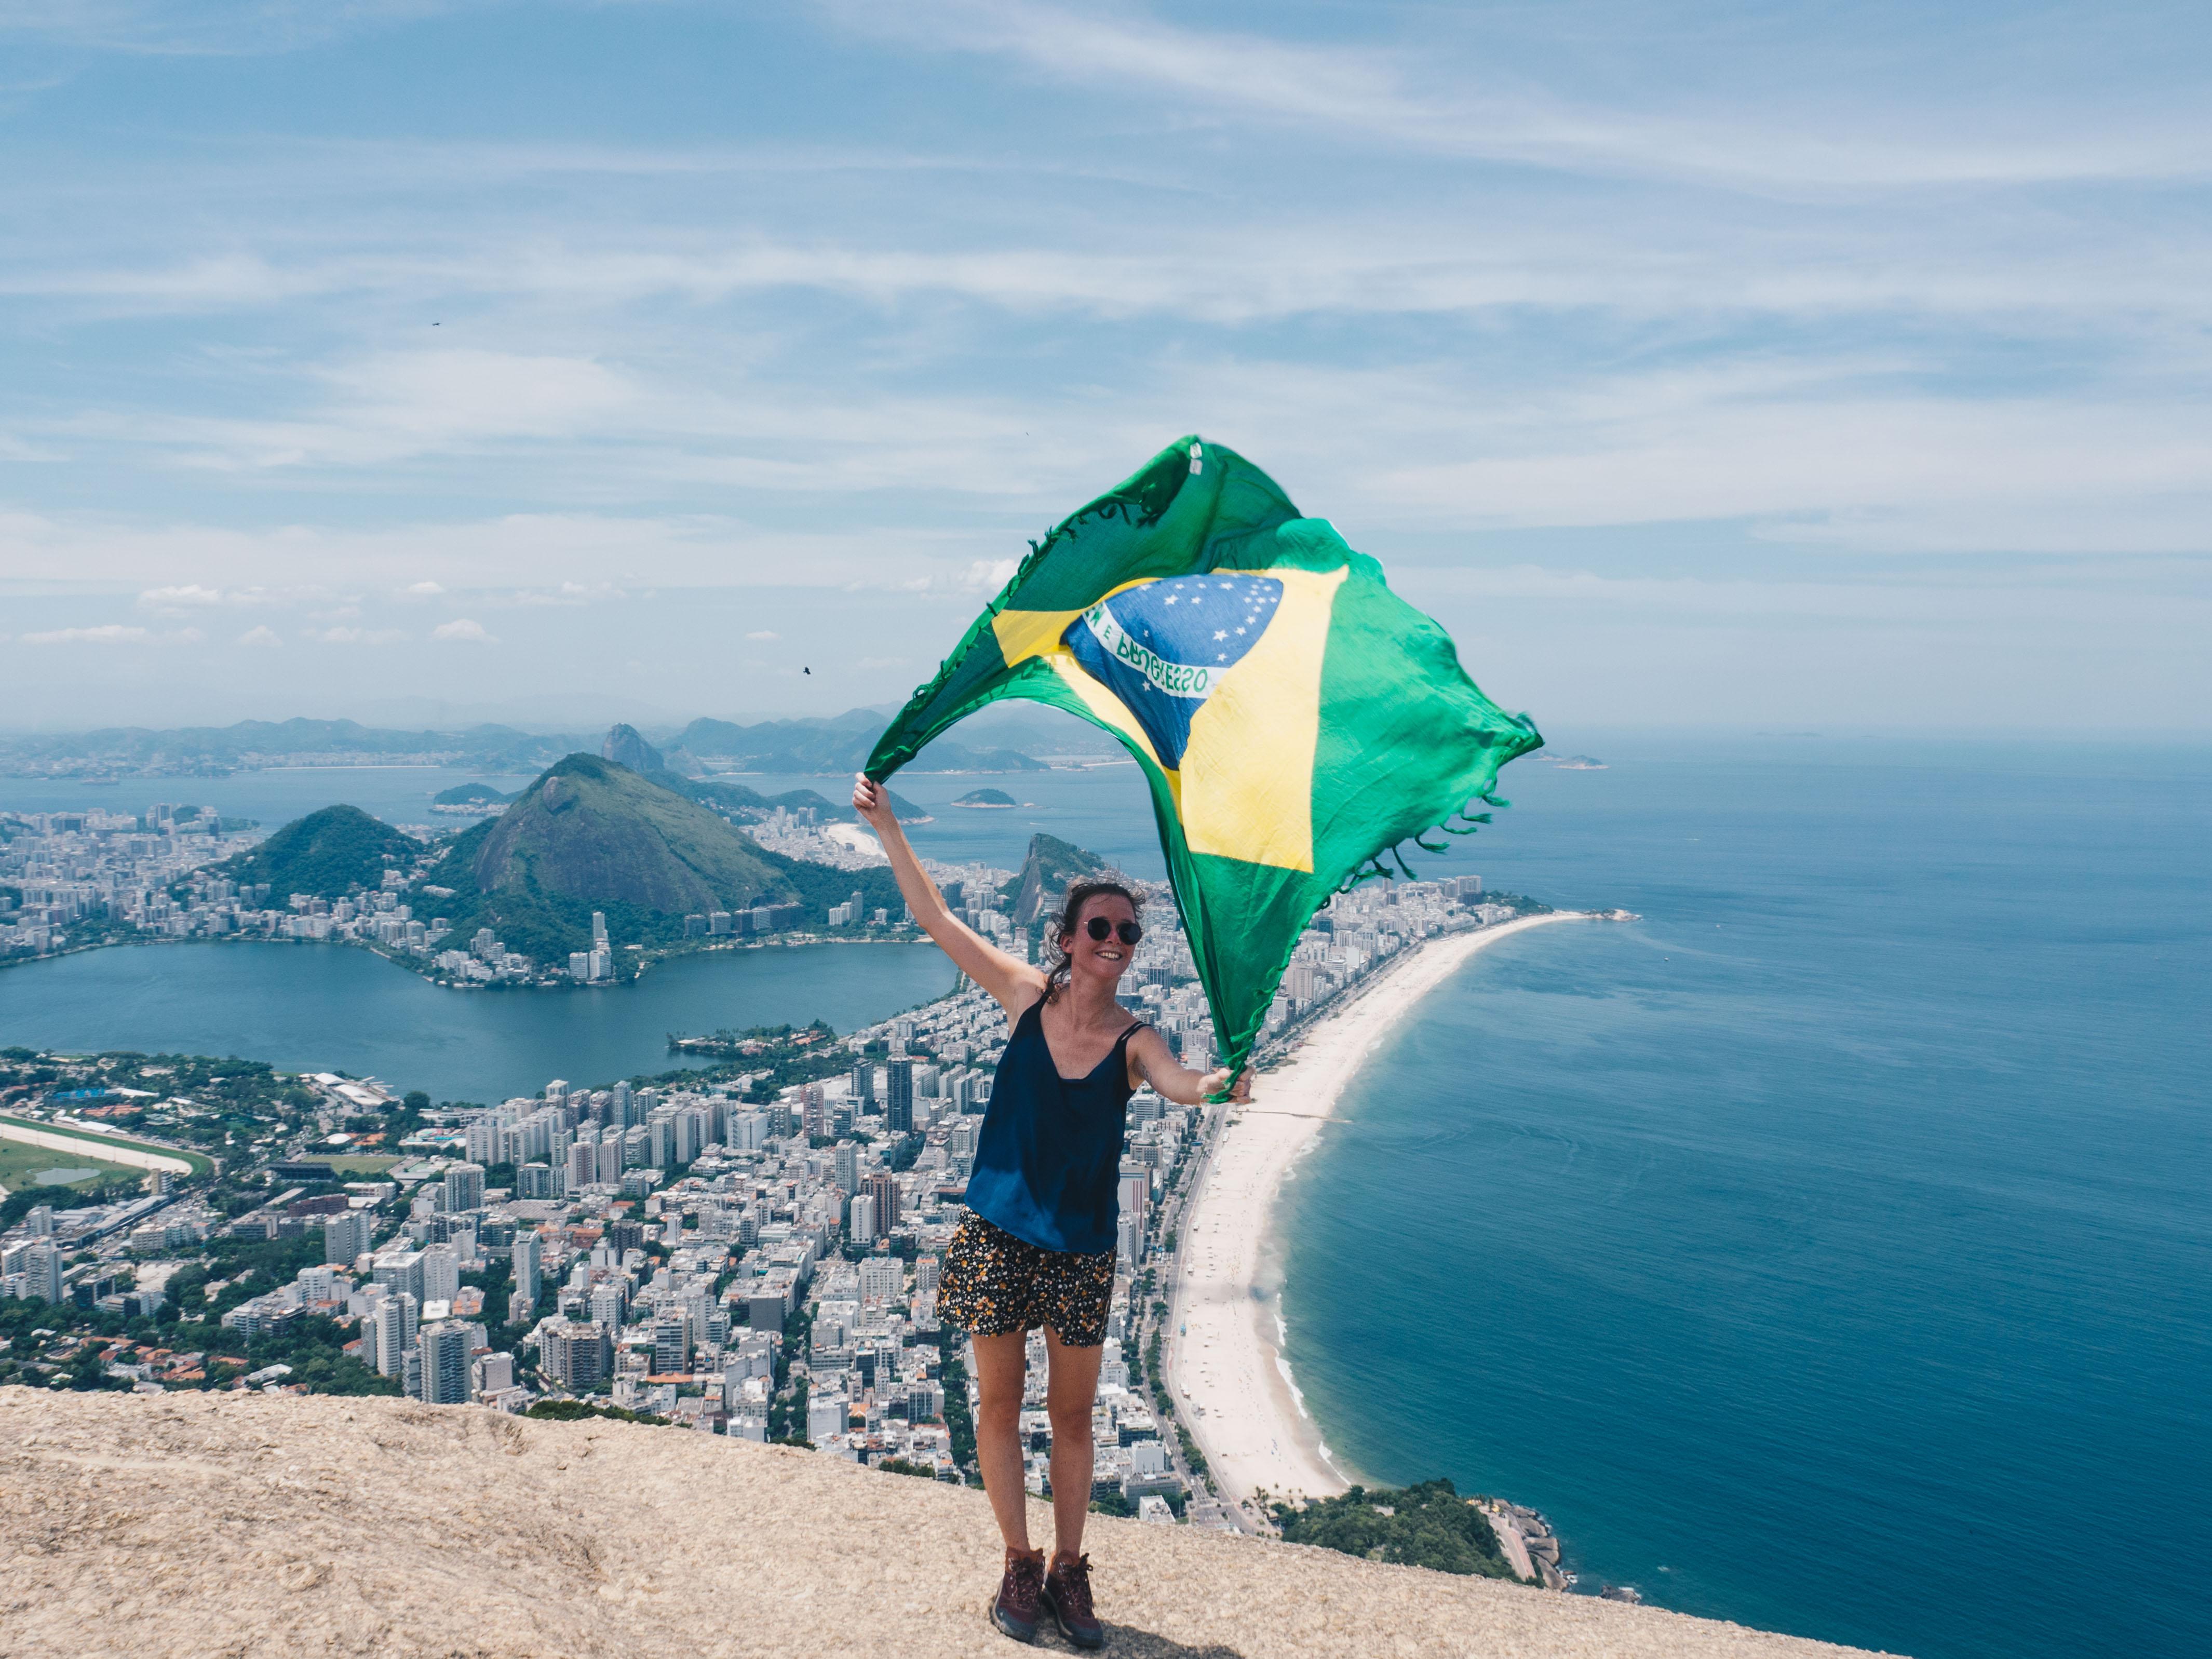 Image for blog article: Rio de Janeiro